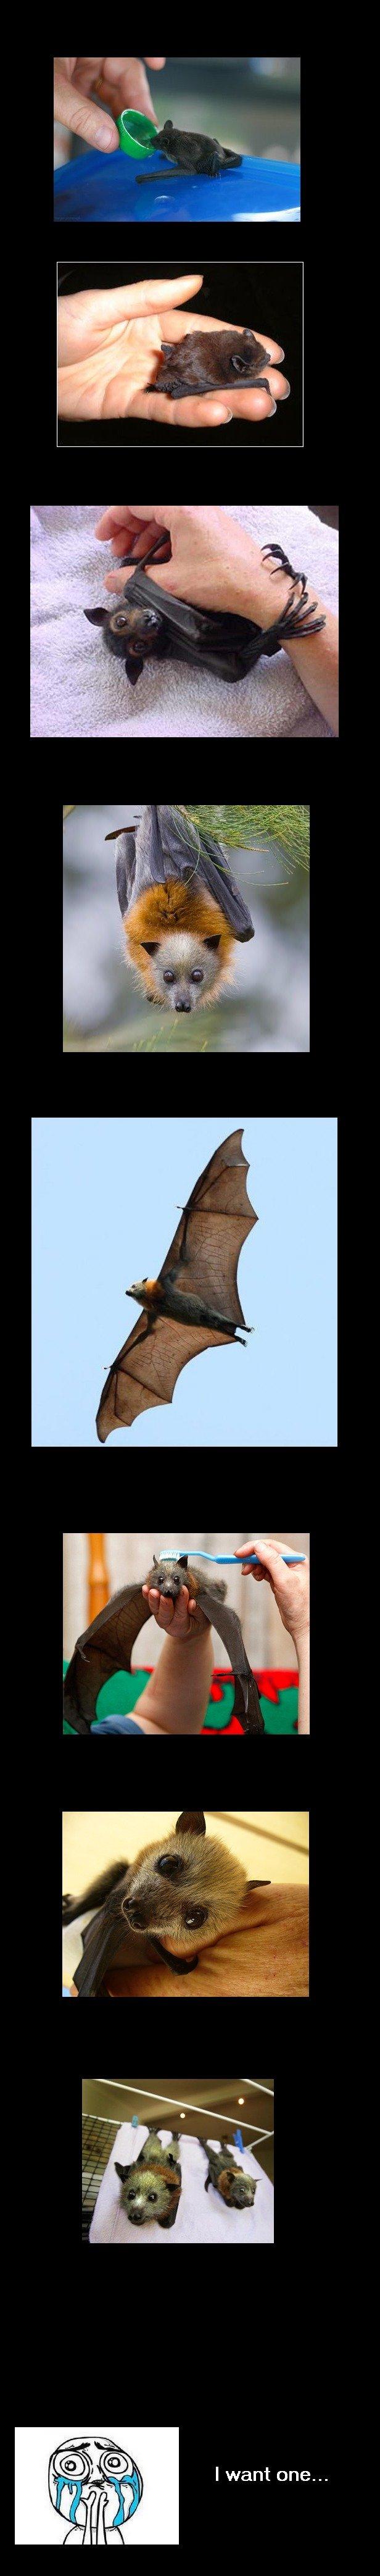 Flying fox (species of fruit bat). . I want one.... brushie brushie